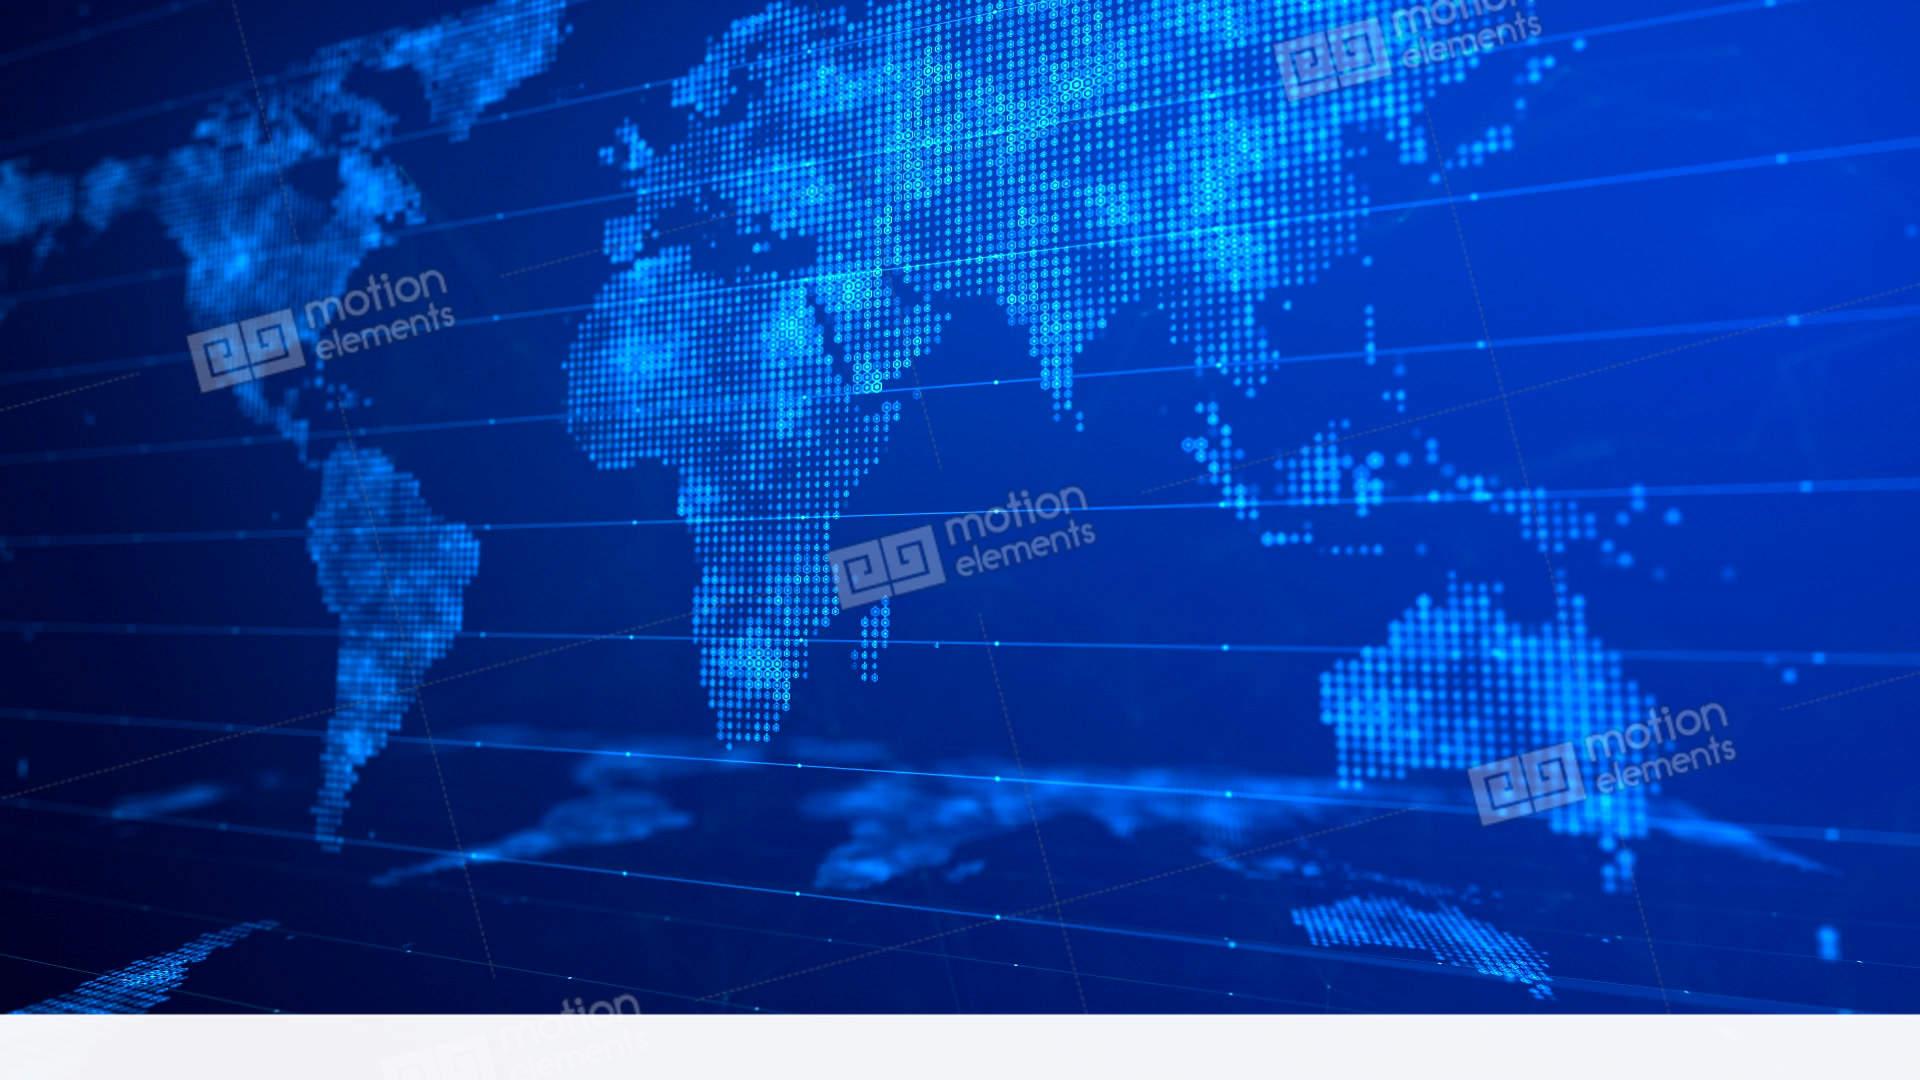 Digital world map background 01 stock animation 11465589 digital world map background 01 stock video footage gumiabroncs Choice Image